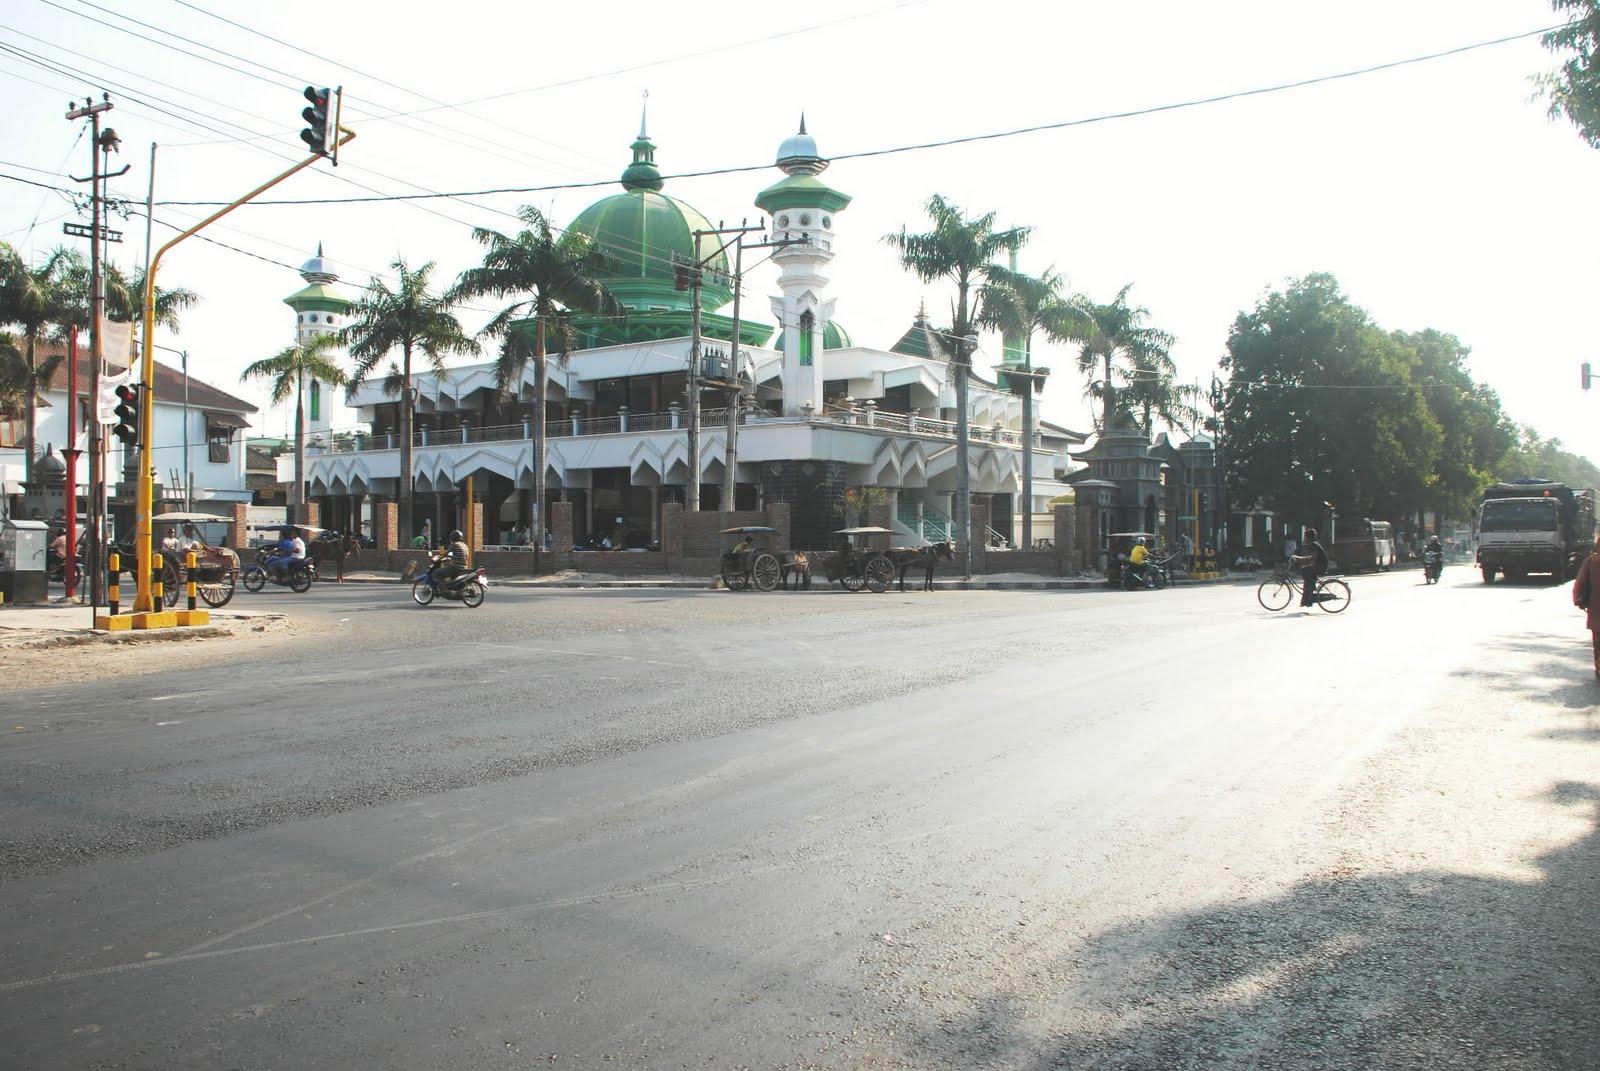 Sejarah Kota Lasem Yayasan Sunan Bonang Ysb Situs Kab Rembang